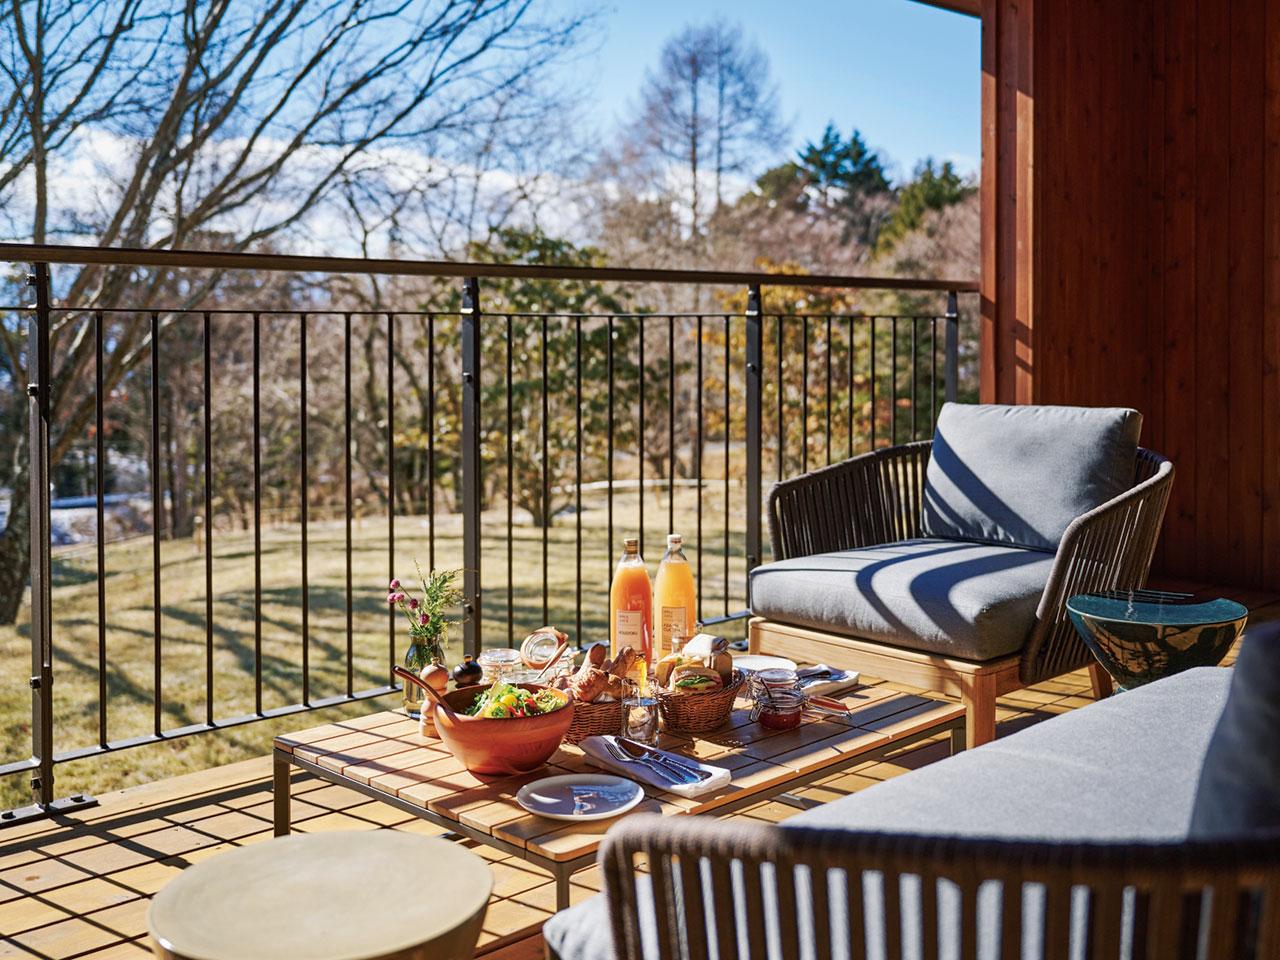 自然豊かな美食宿でリトリート 大地の恵みを堪能できるお宿2軒